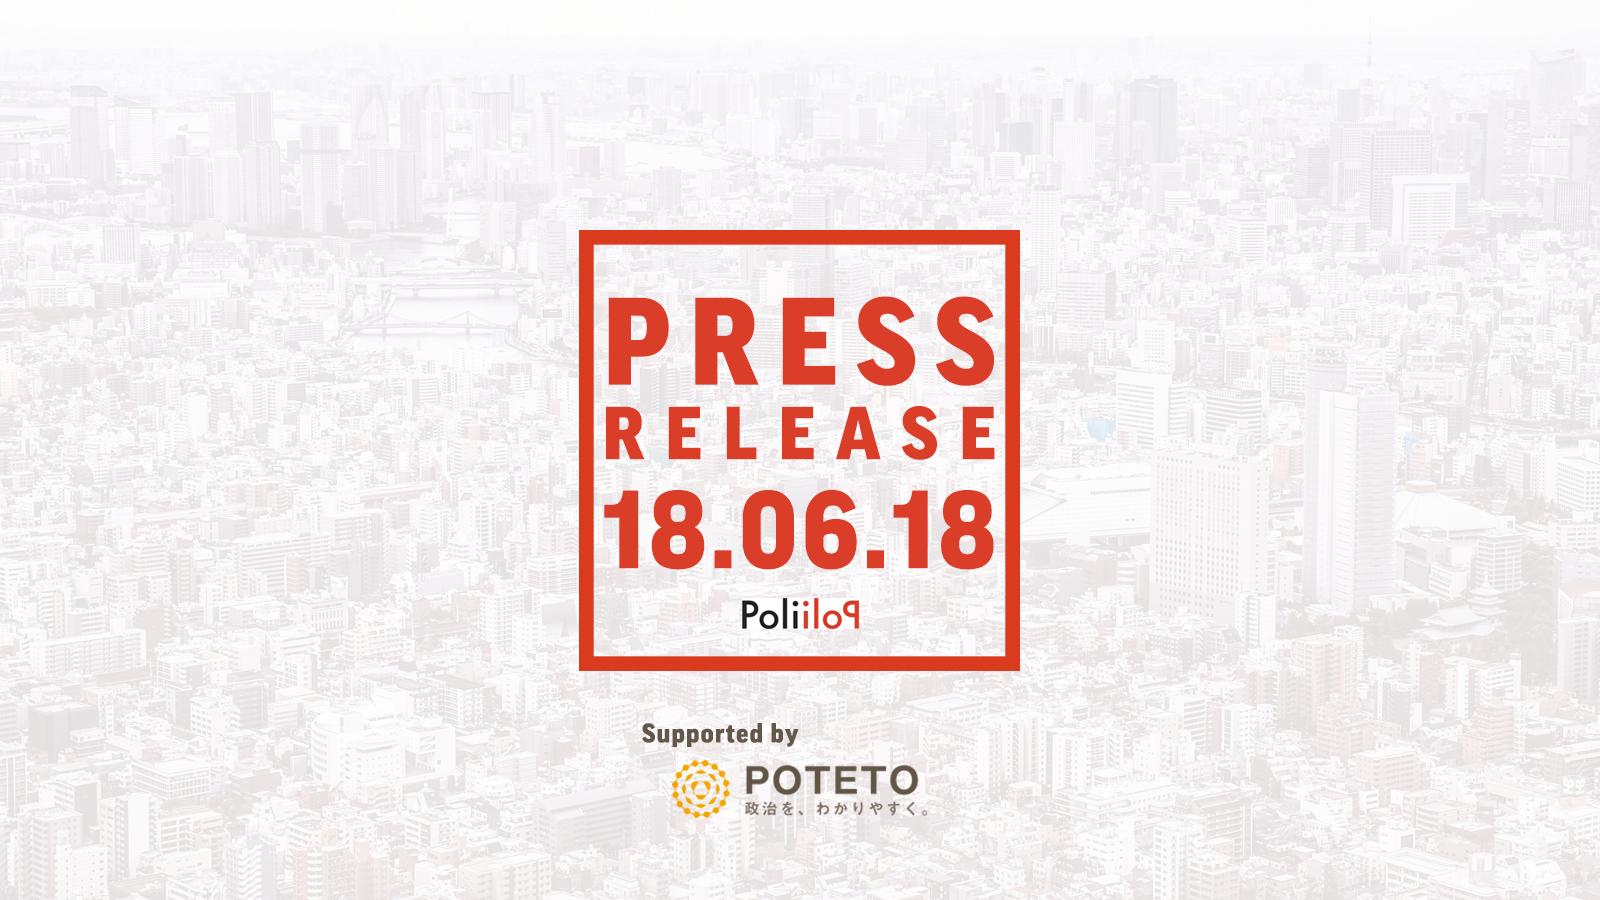 61c9a17c7d0a3453a33bef1ae88a3aa1 - 【お知らせ】POTETOがPoli Poliと事業提携します!!